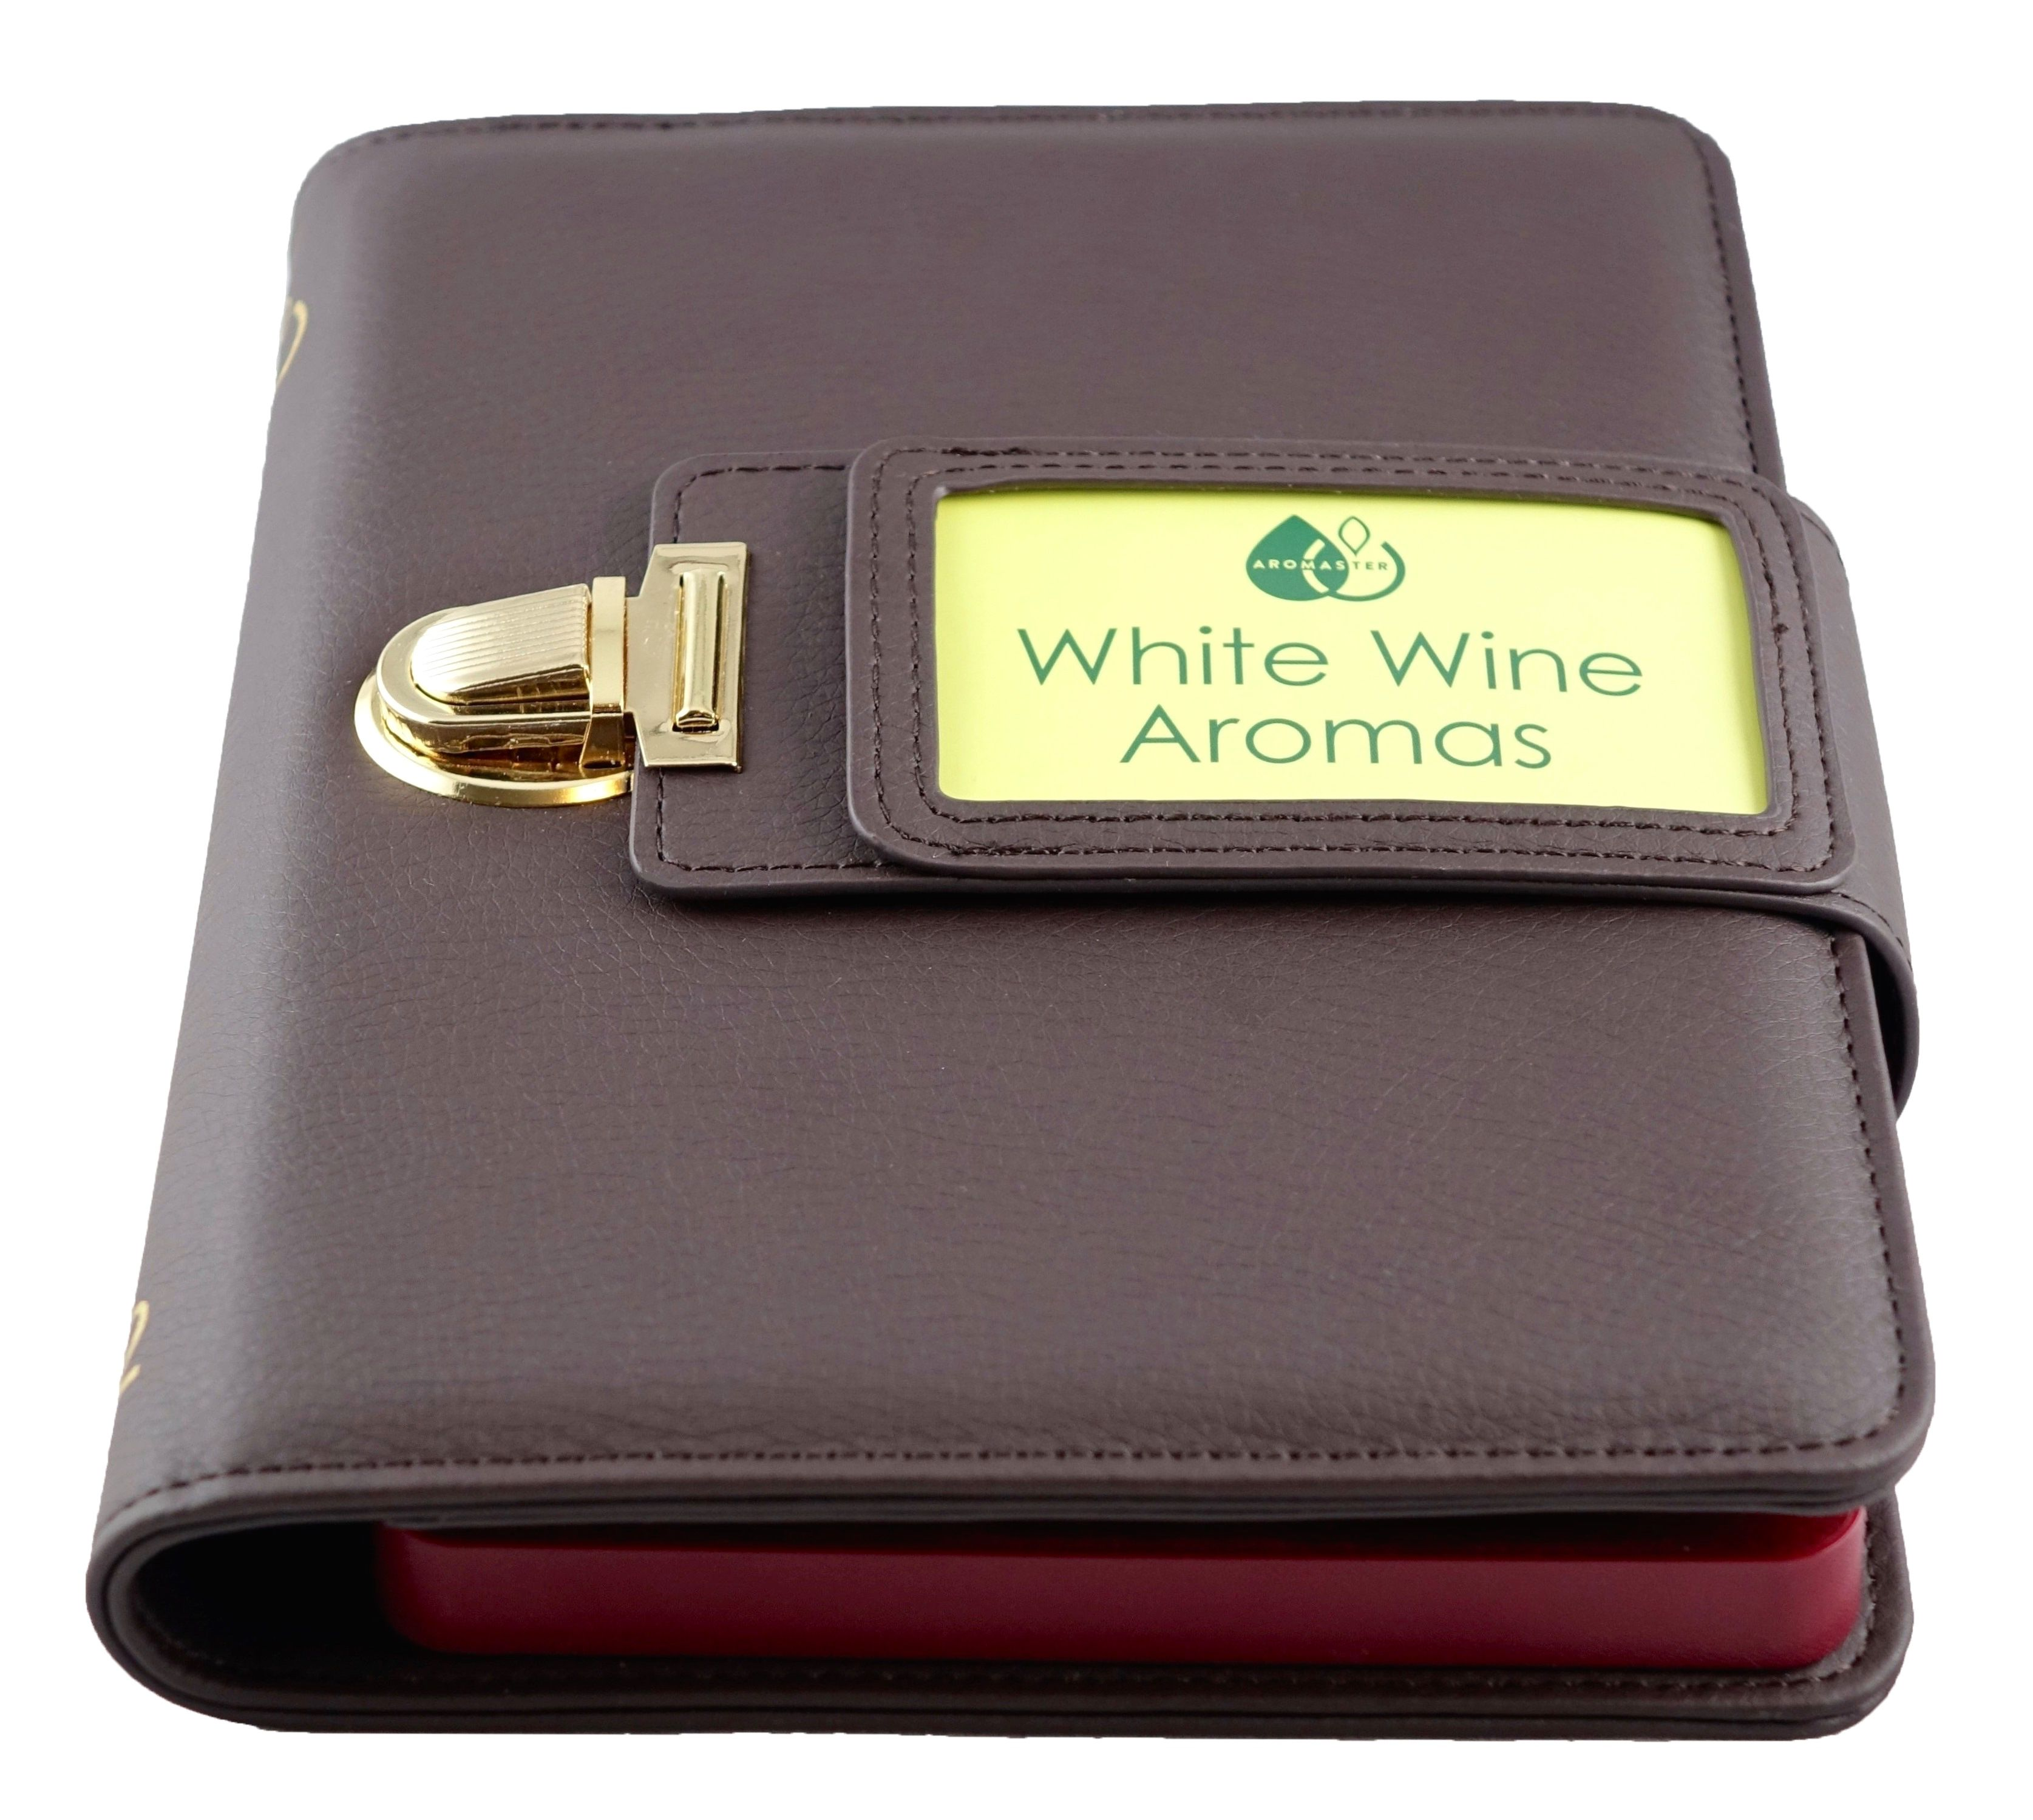 White Wine Aroma Kit 12 aromas for wine tasting by Aromaster